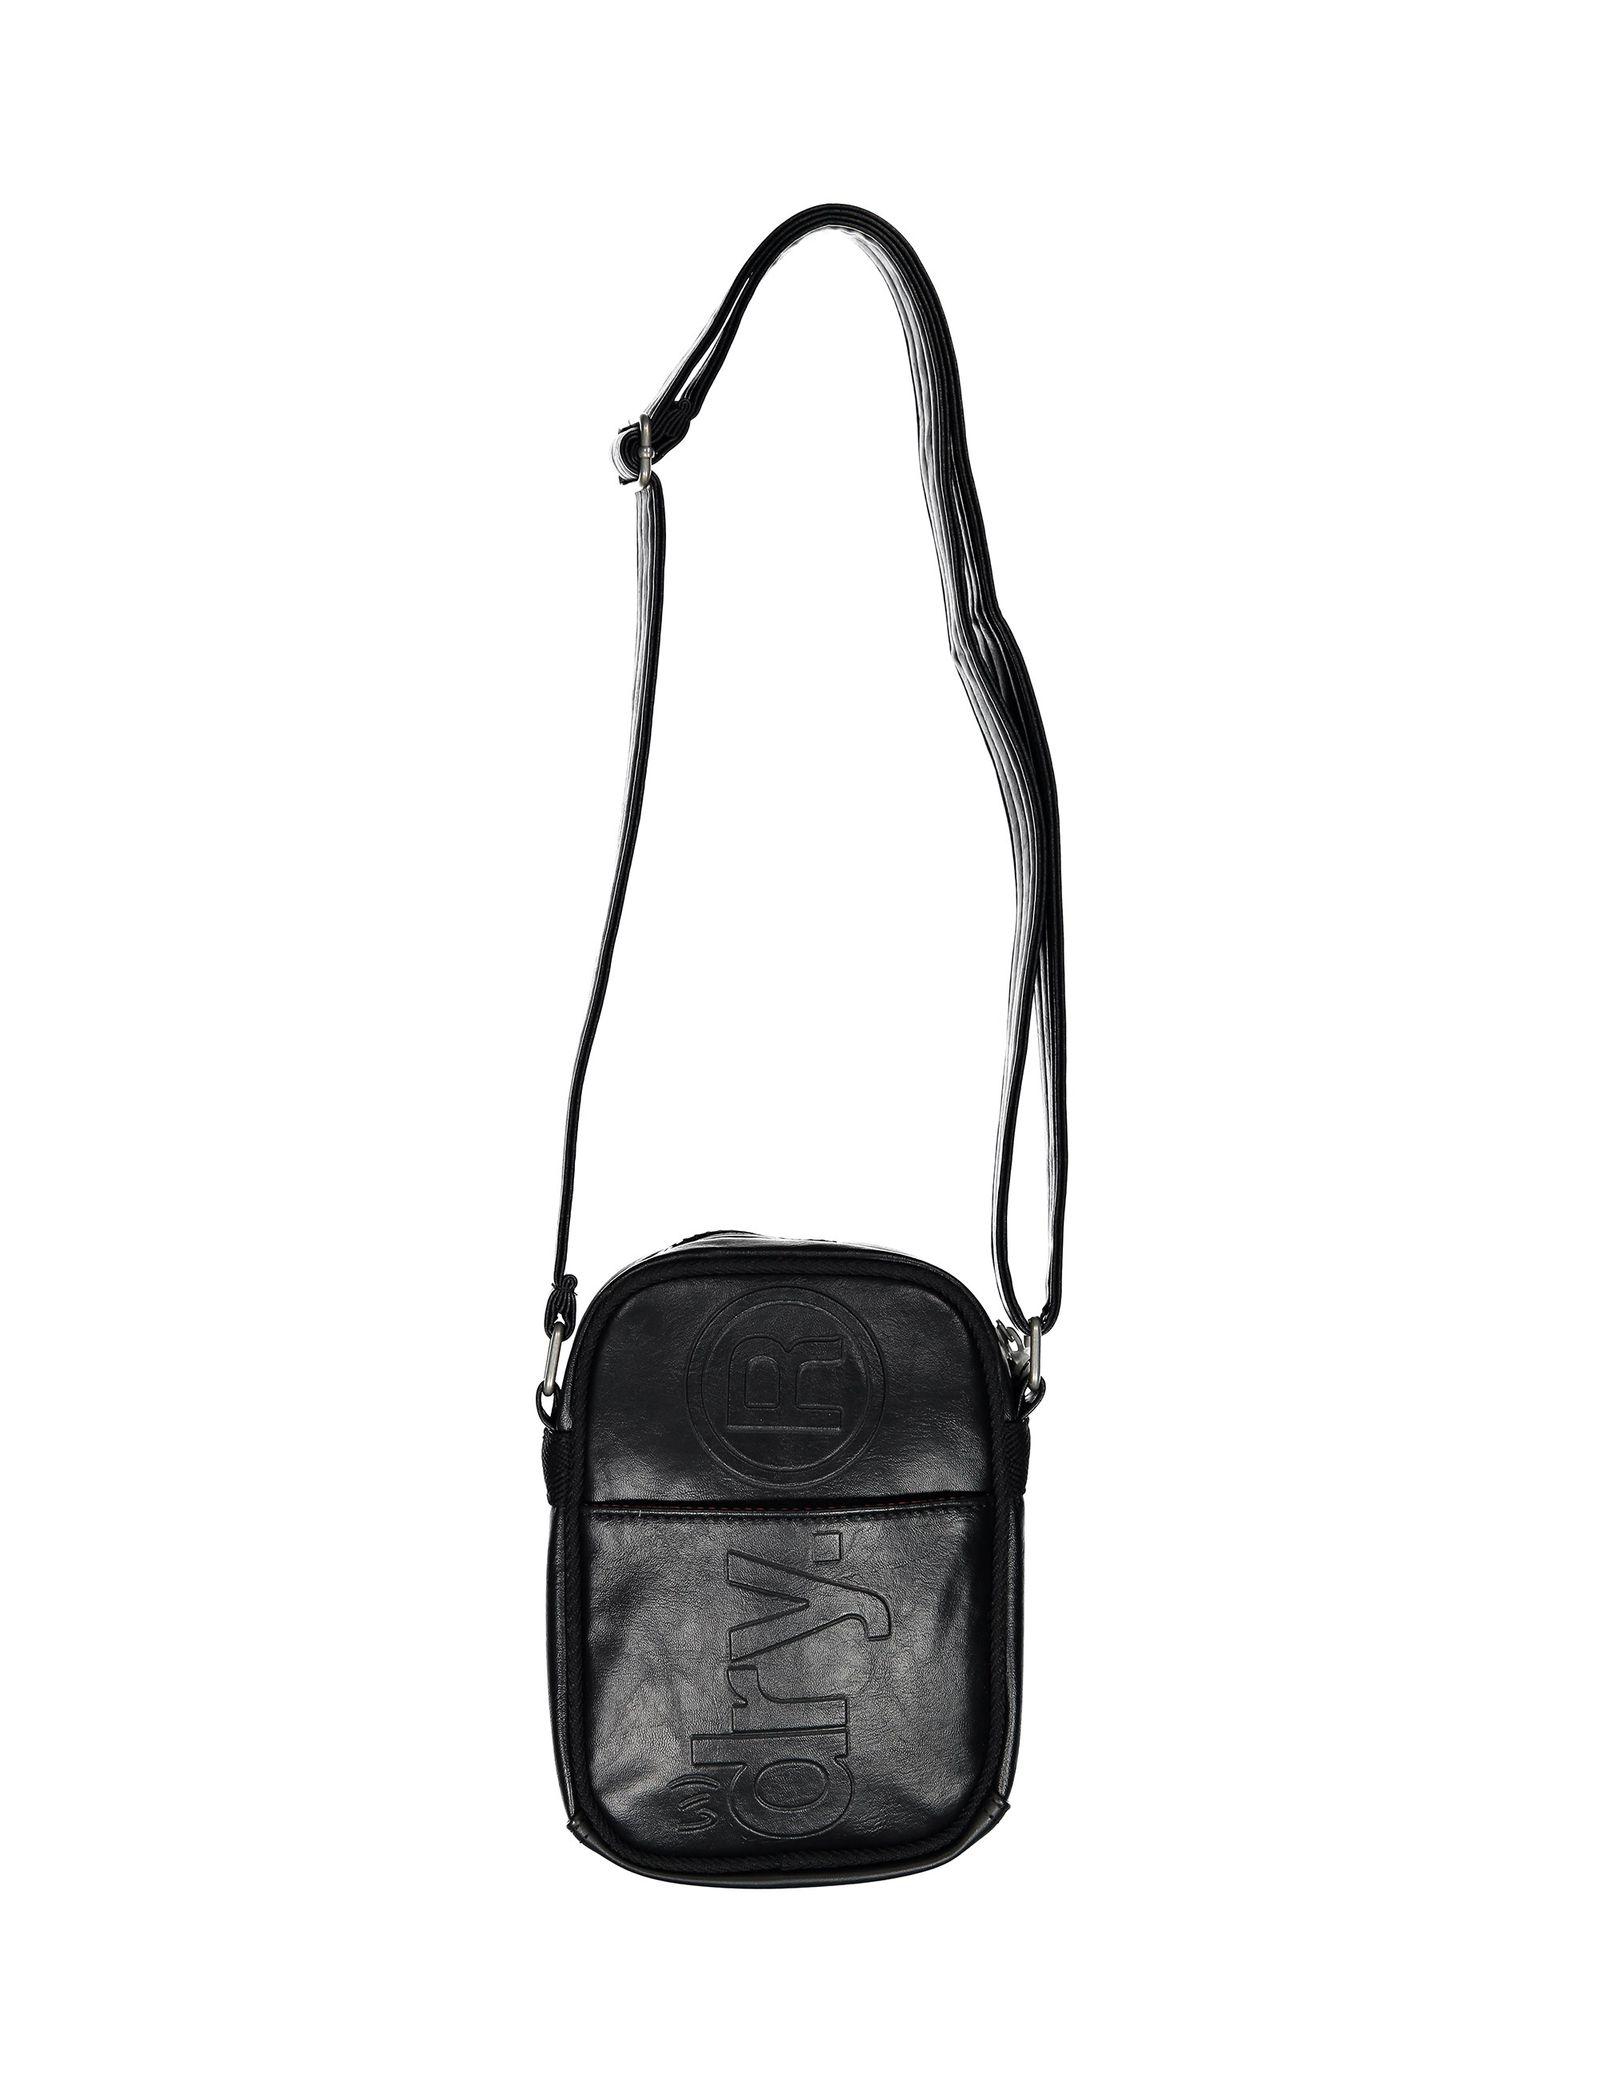 کیف دوشی روزمره بزرگسال - سوپردرای - Black - 2